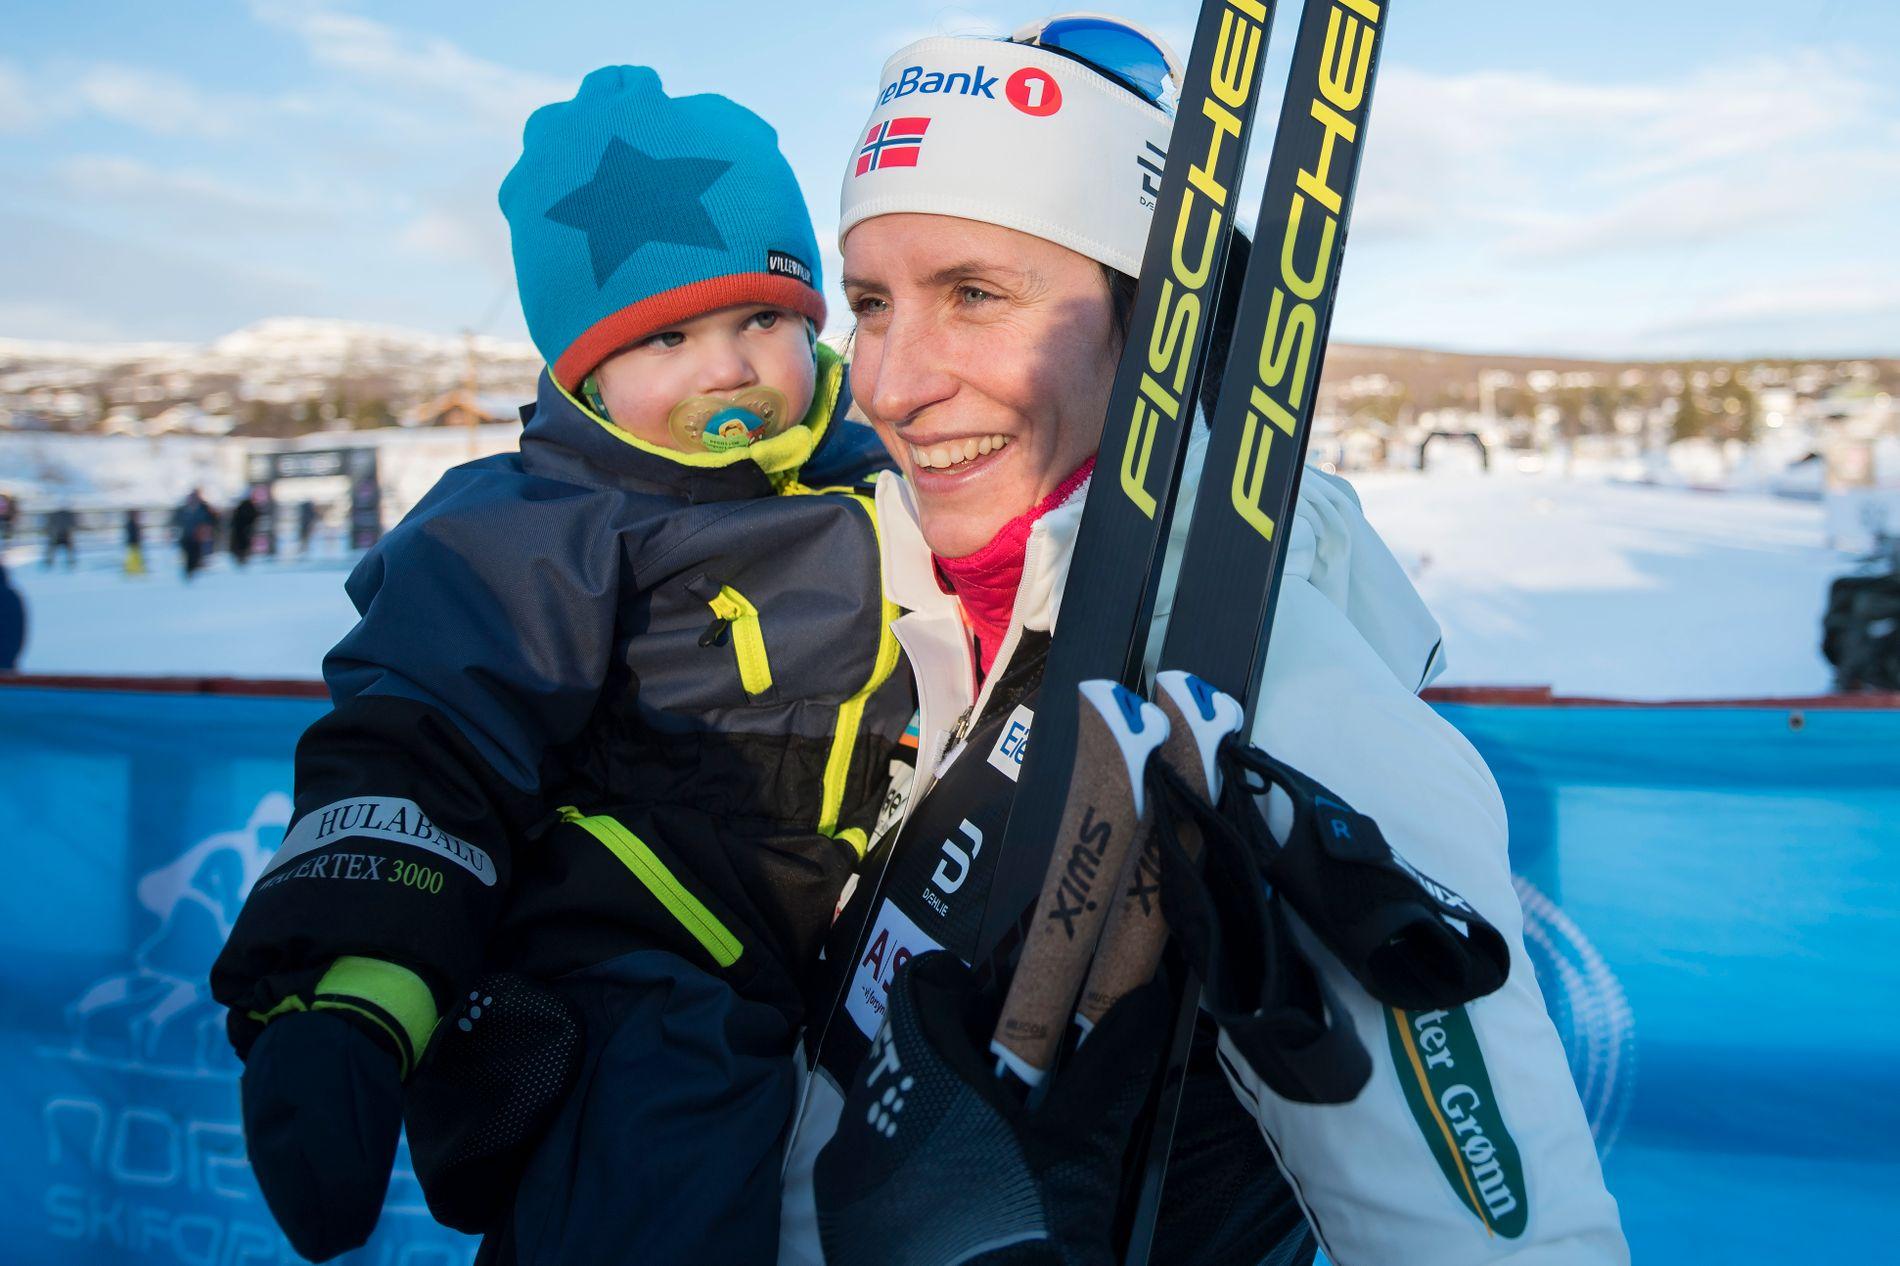 MAMMA IGJEN: Marit Bjørgen med sønnen Marius i 2017. Nå har Marius fått en lillebror.